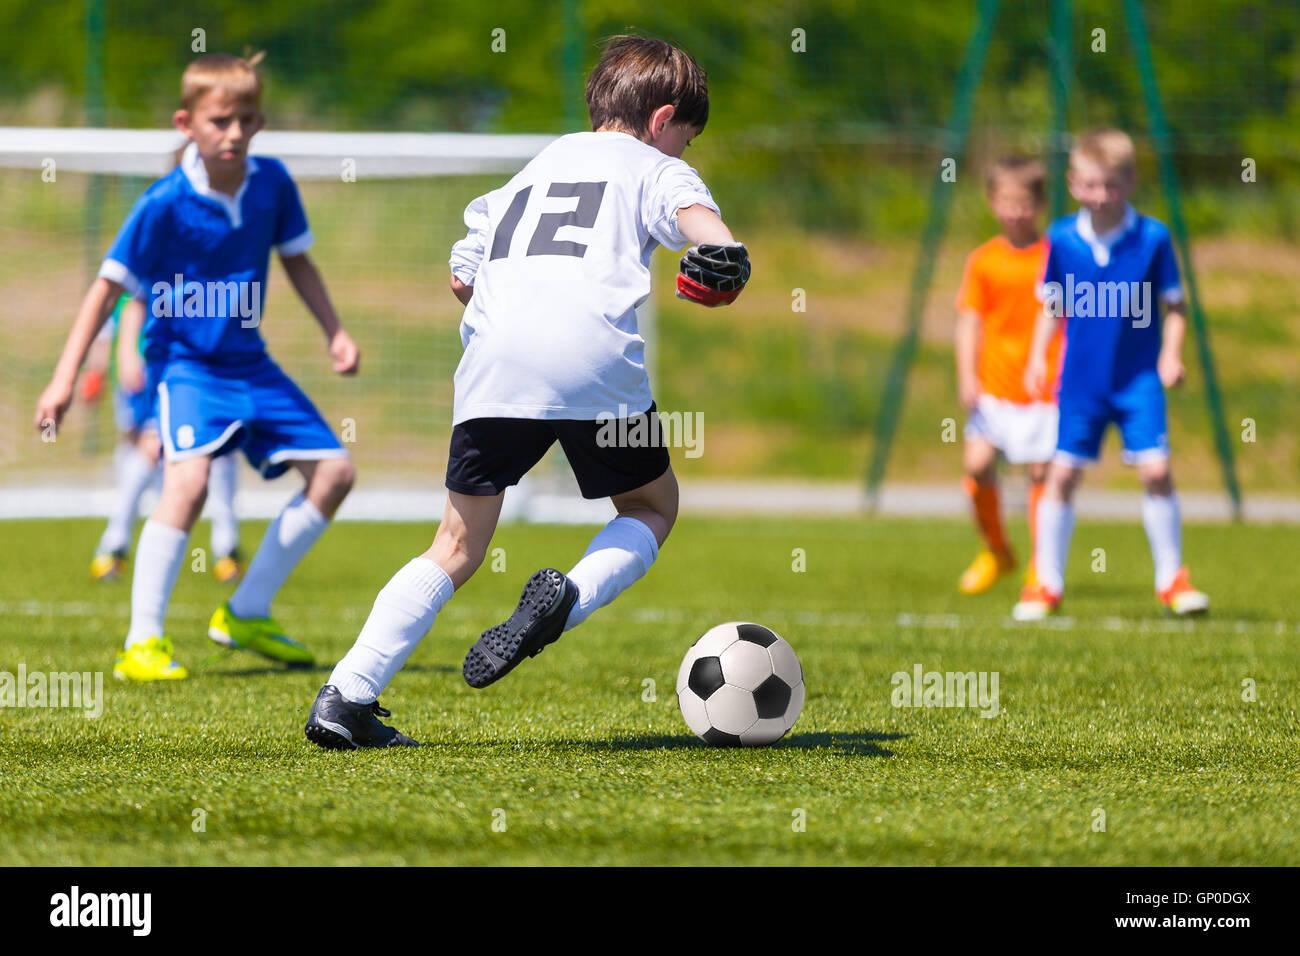 Los Muchachos Jugando Futbol Partido De Futbol Los Ninos Pateando